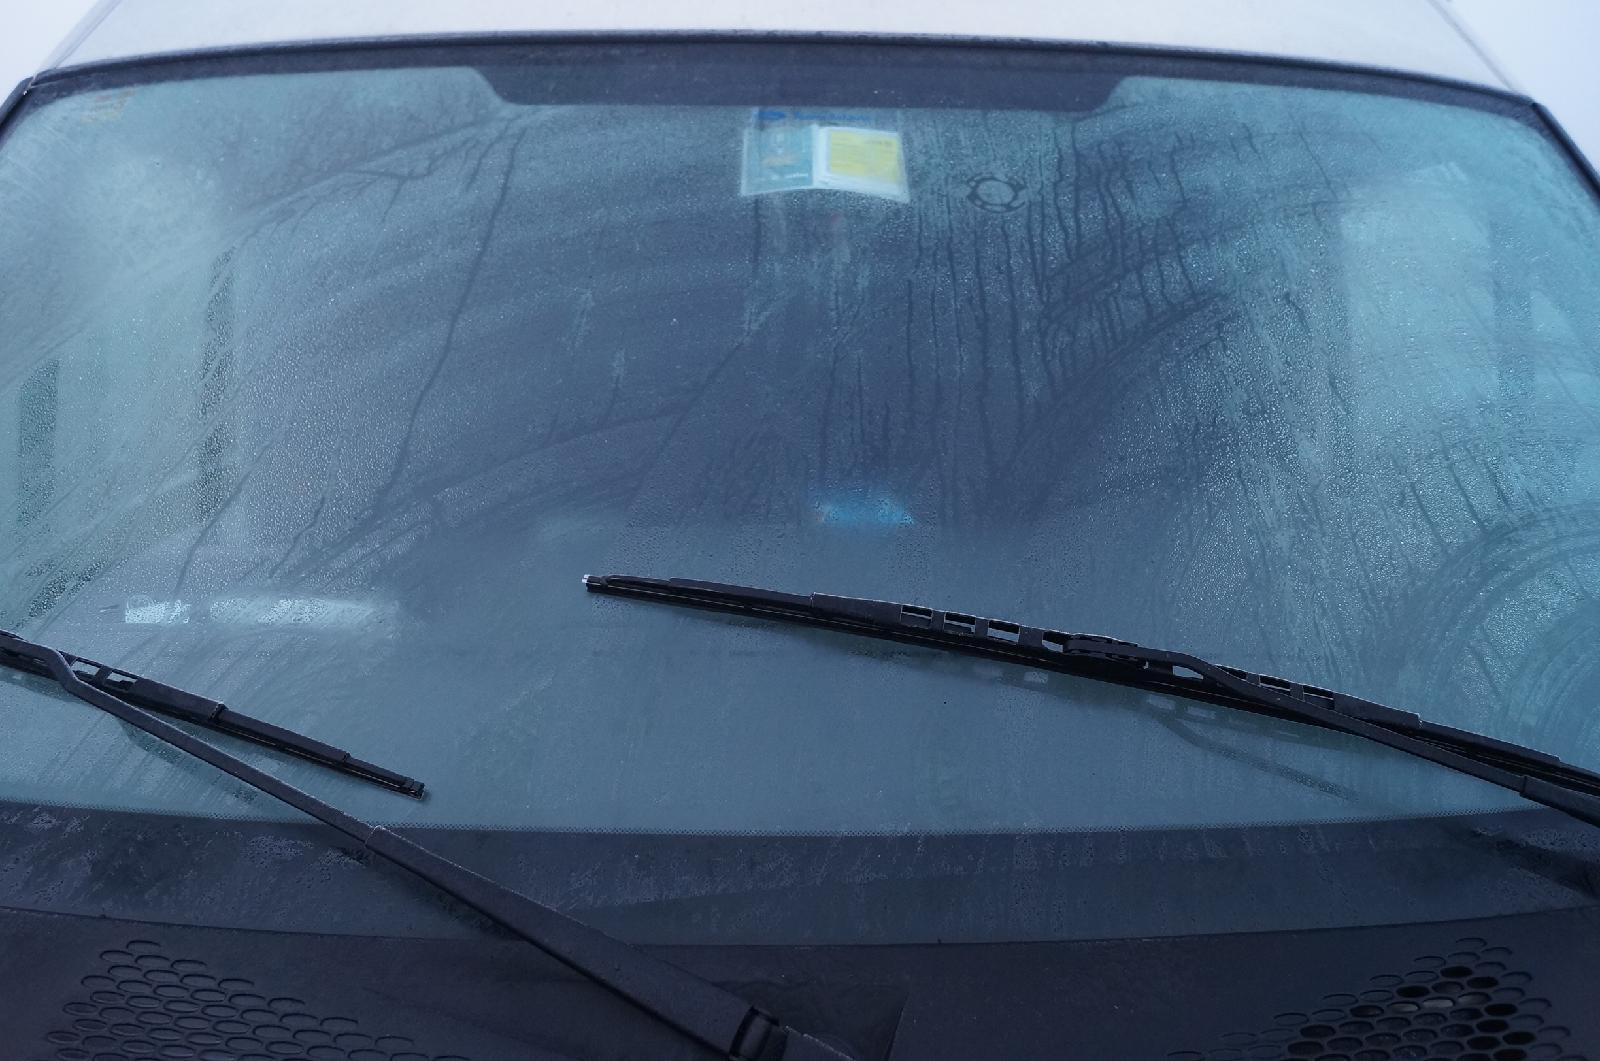 Come rimuovere i graffi dal vetro dell'auto in modo efficace?